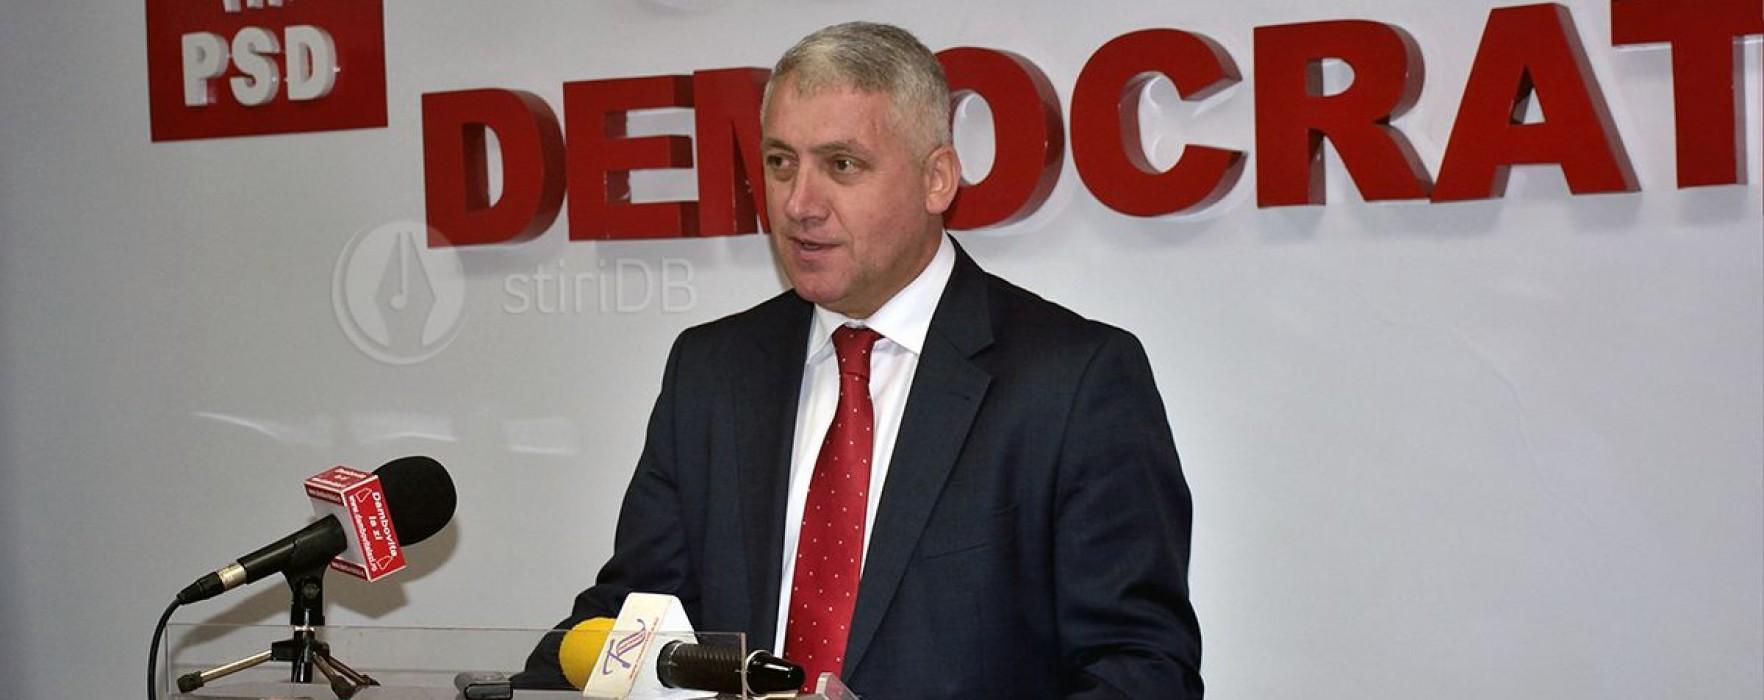 Dâmboviţa: PSD a anunţat care va fi conducerea CJ şi numele viceprimarilor Târgoviştei